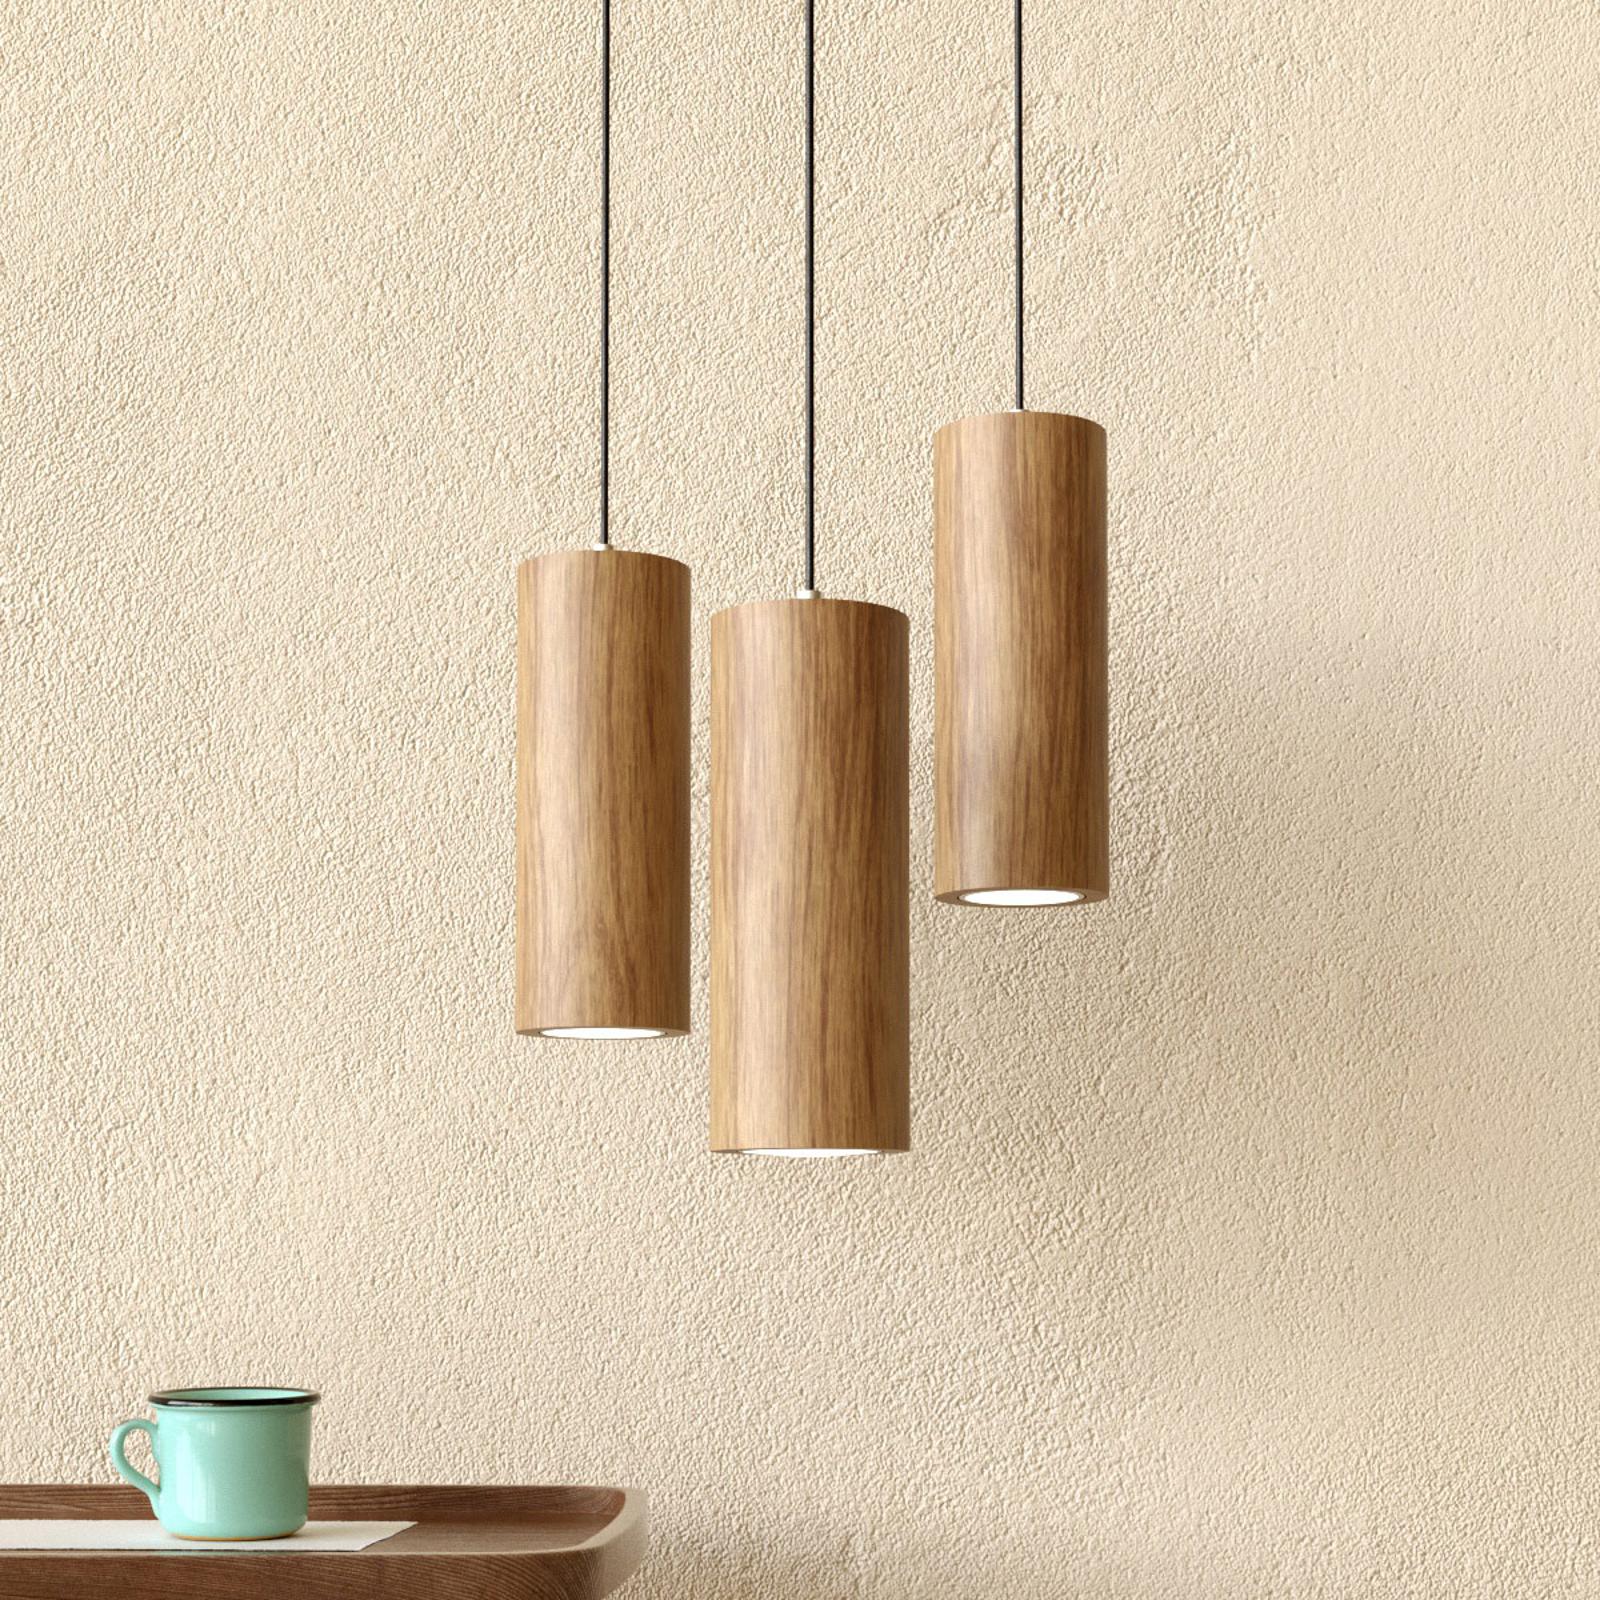 3-pkt. lampa wisząca LED Pipe z drewna dębowego